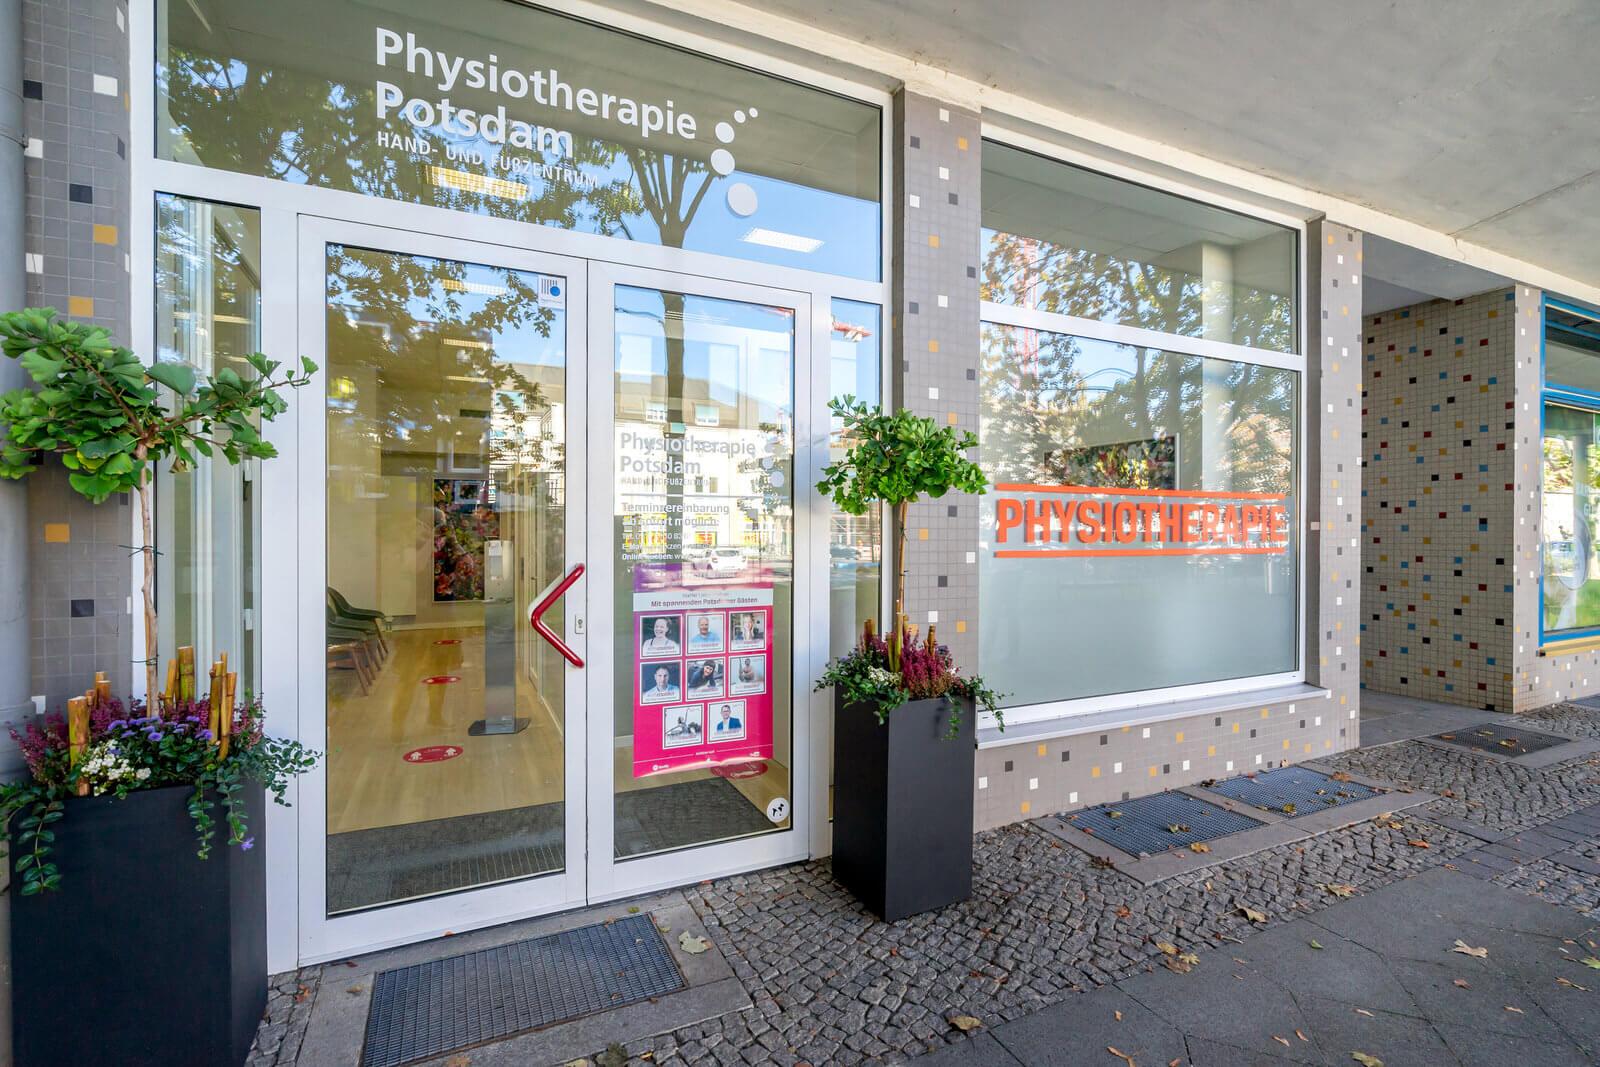 Physiotherapie-Potsdam-Hand-und-Fußzentrum15